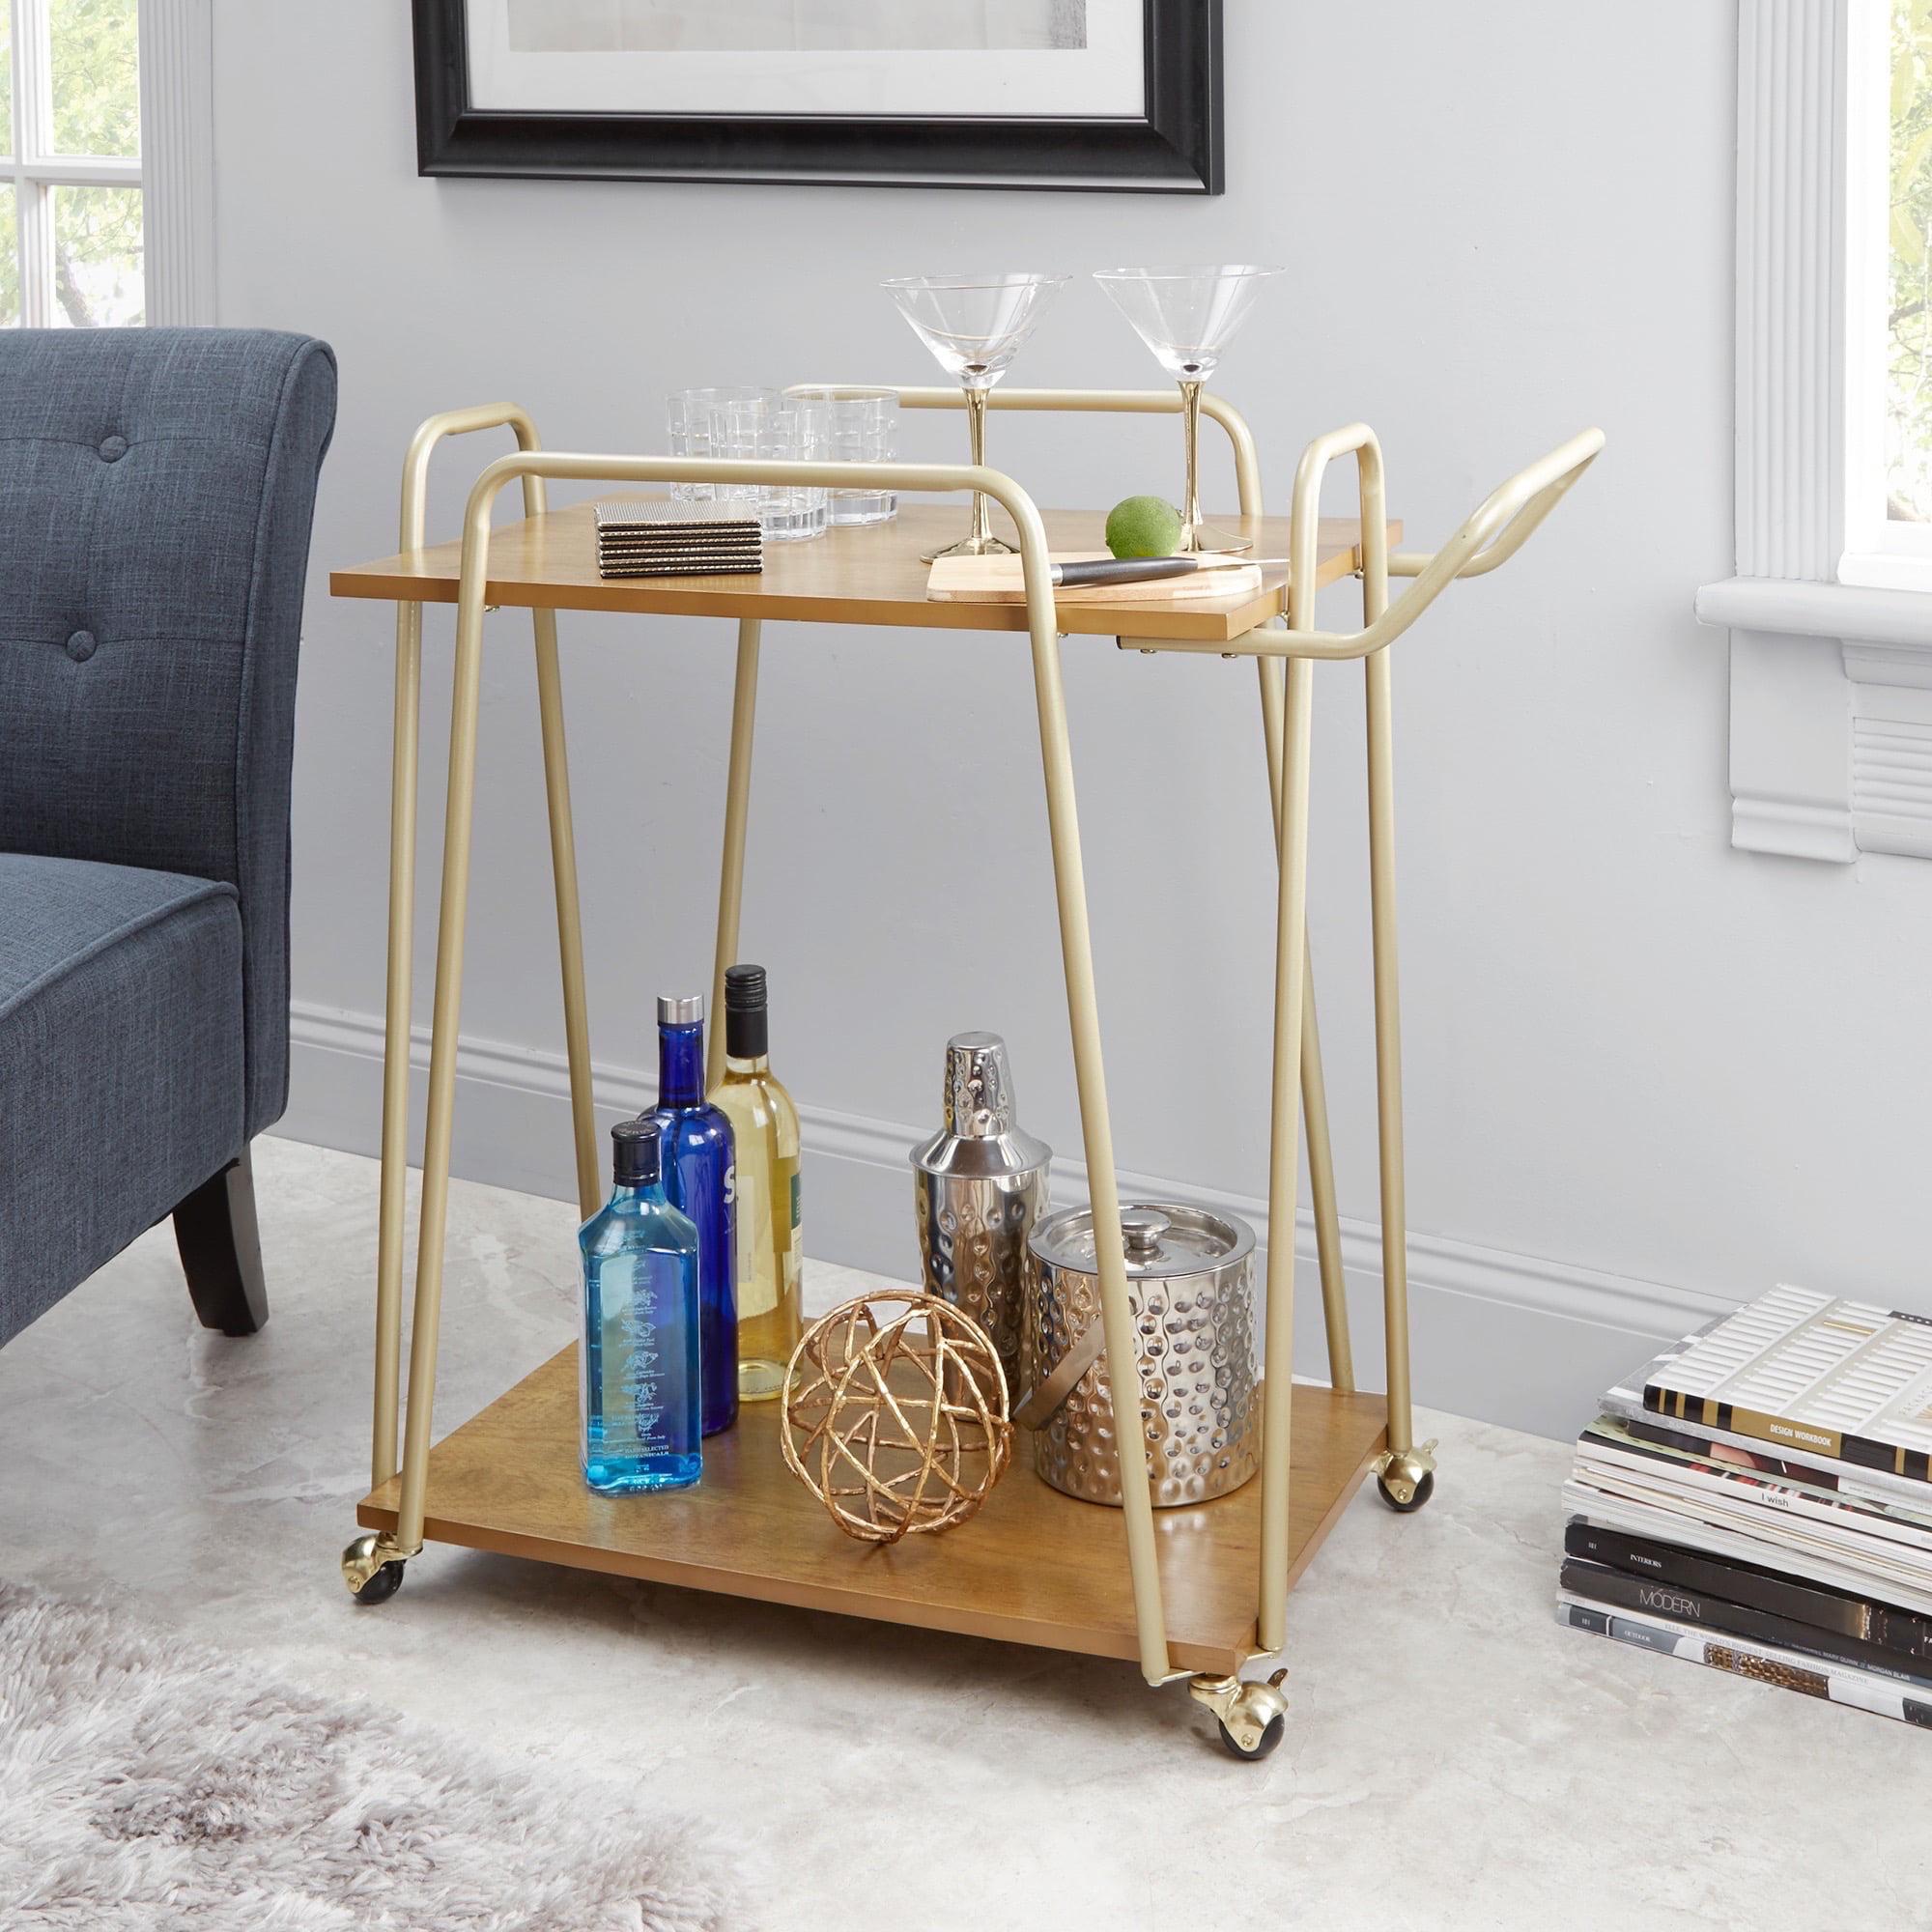 Better Homes & Gardens Giana Metal & Wood Modern Bar Cart, Gold Finish